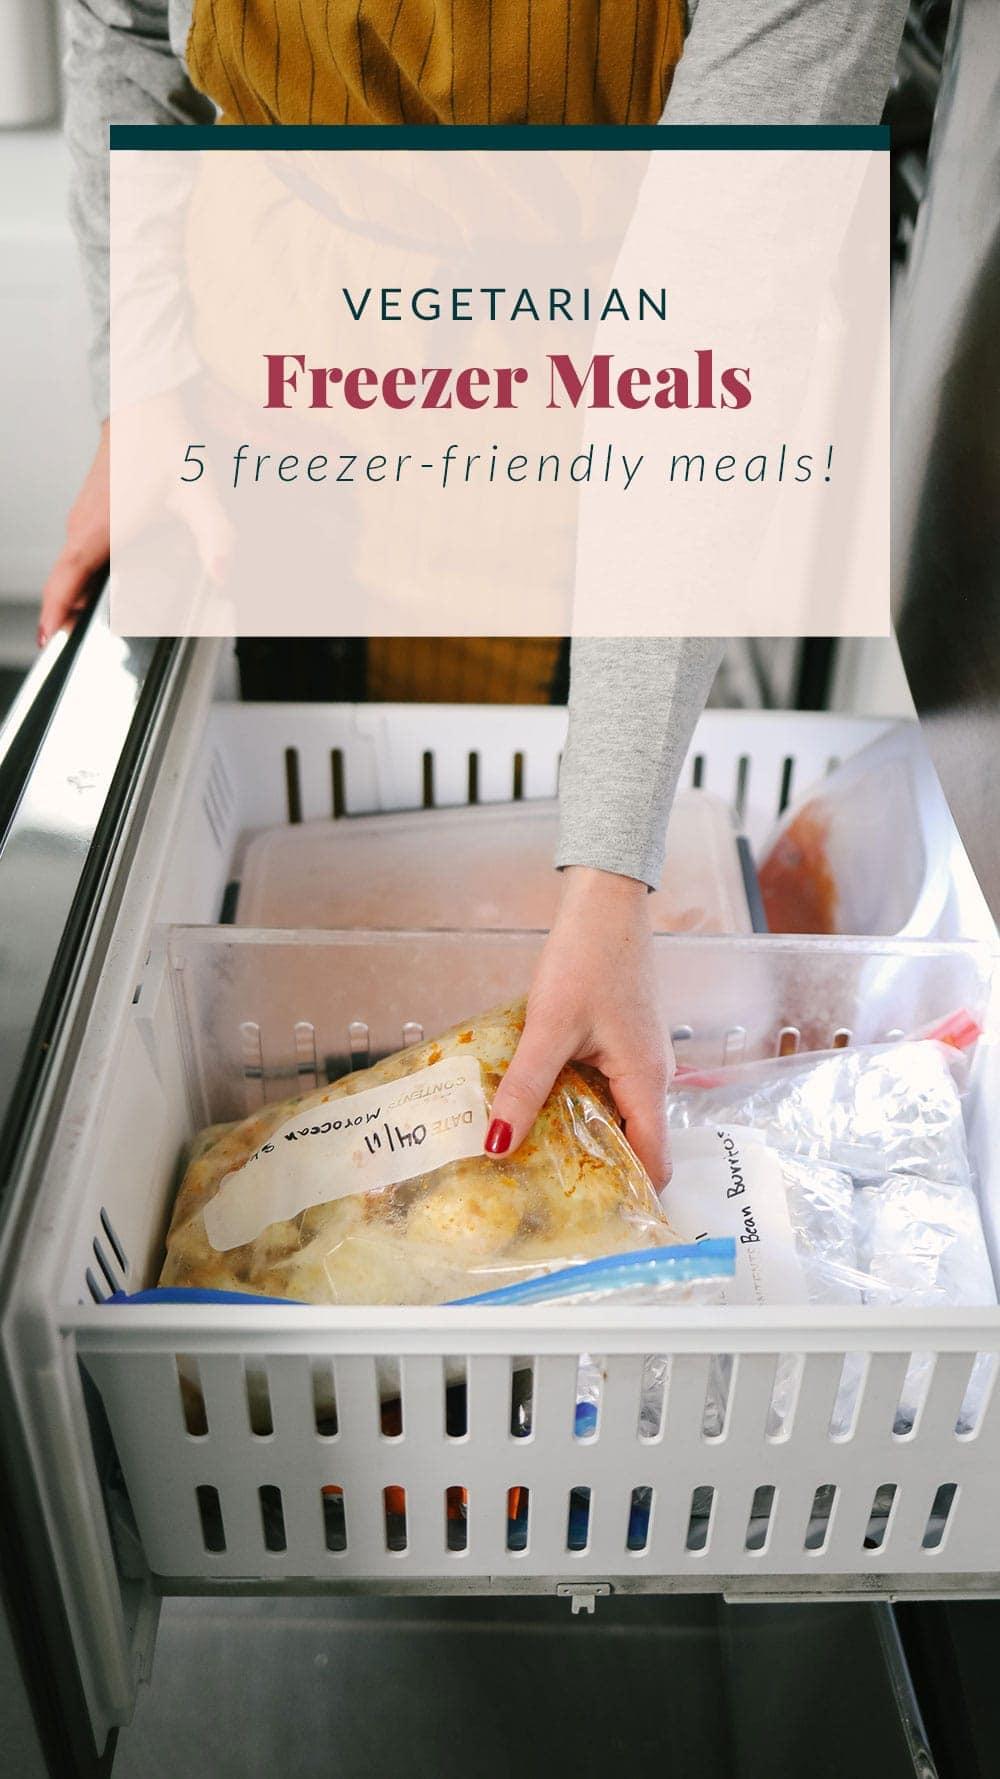 Vegetarian Meals in the freezer